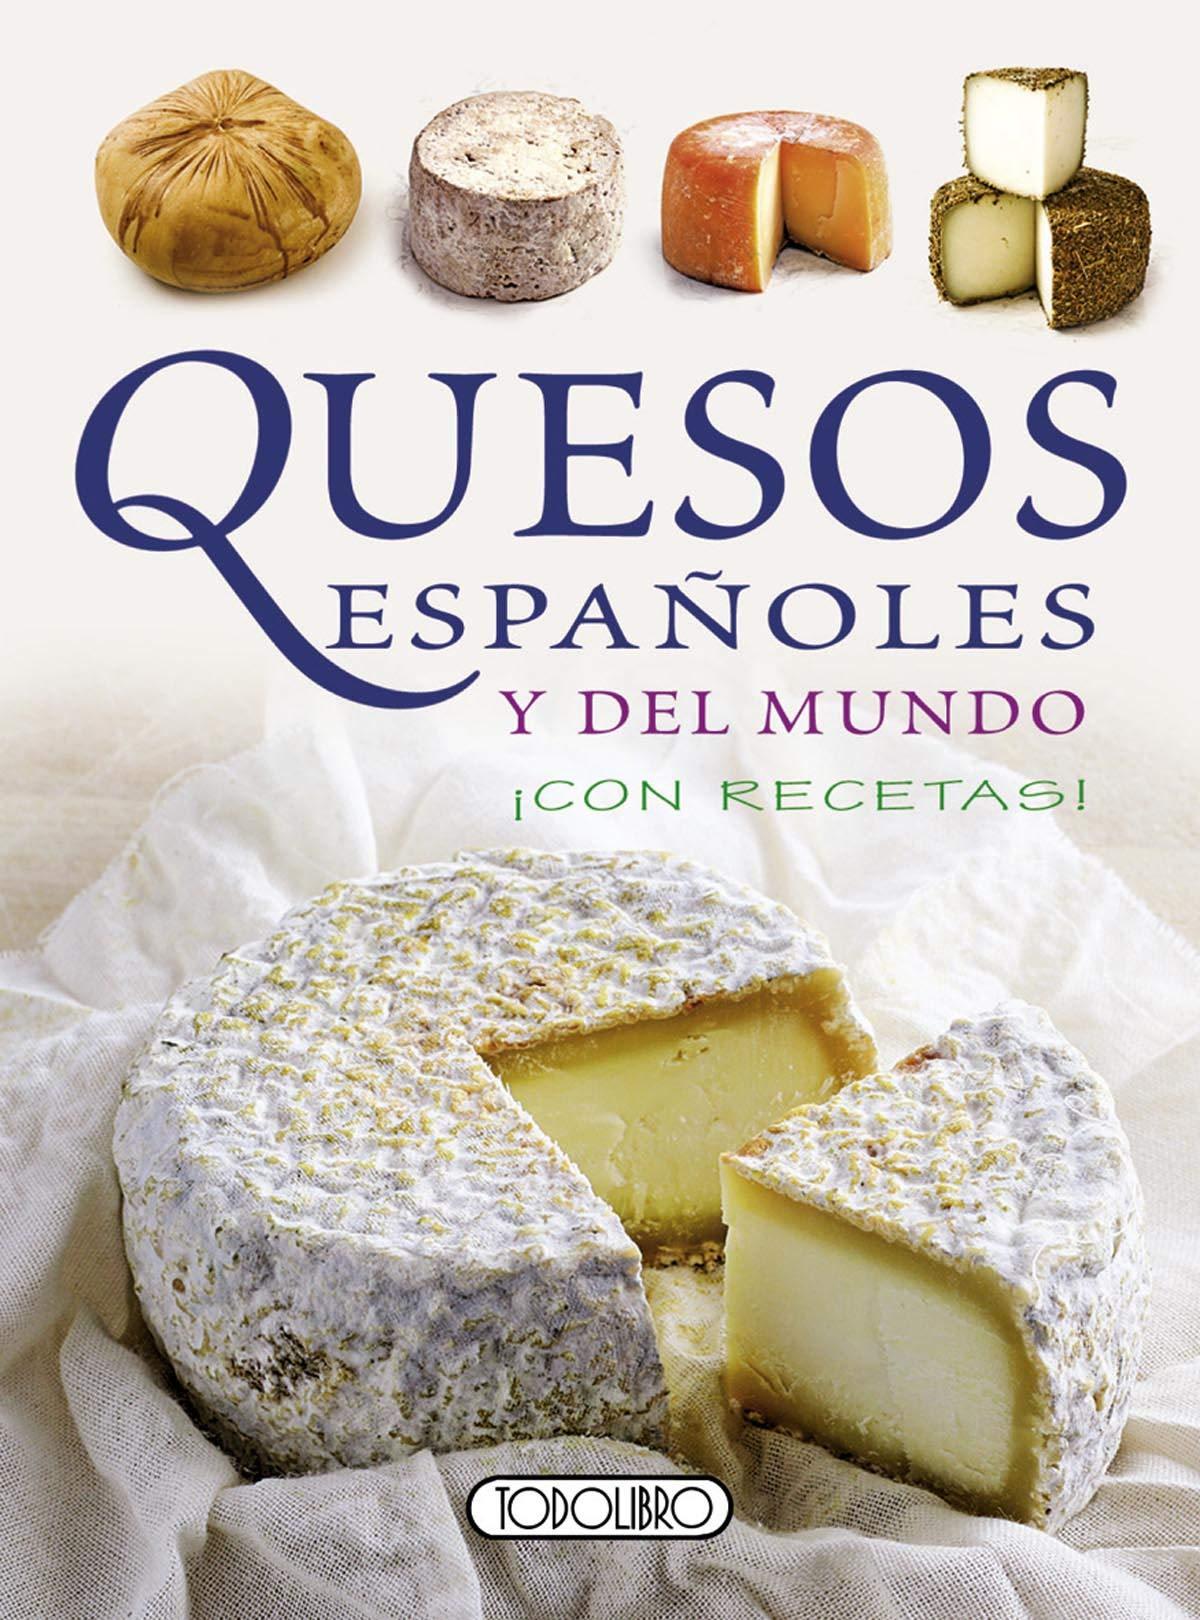 Quesos españoles y del mundo (Miniprácticos): Amazon.es: Todolibro: Libros